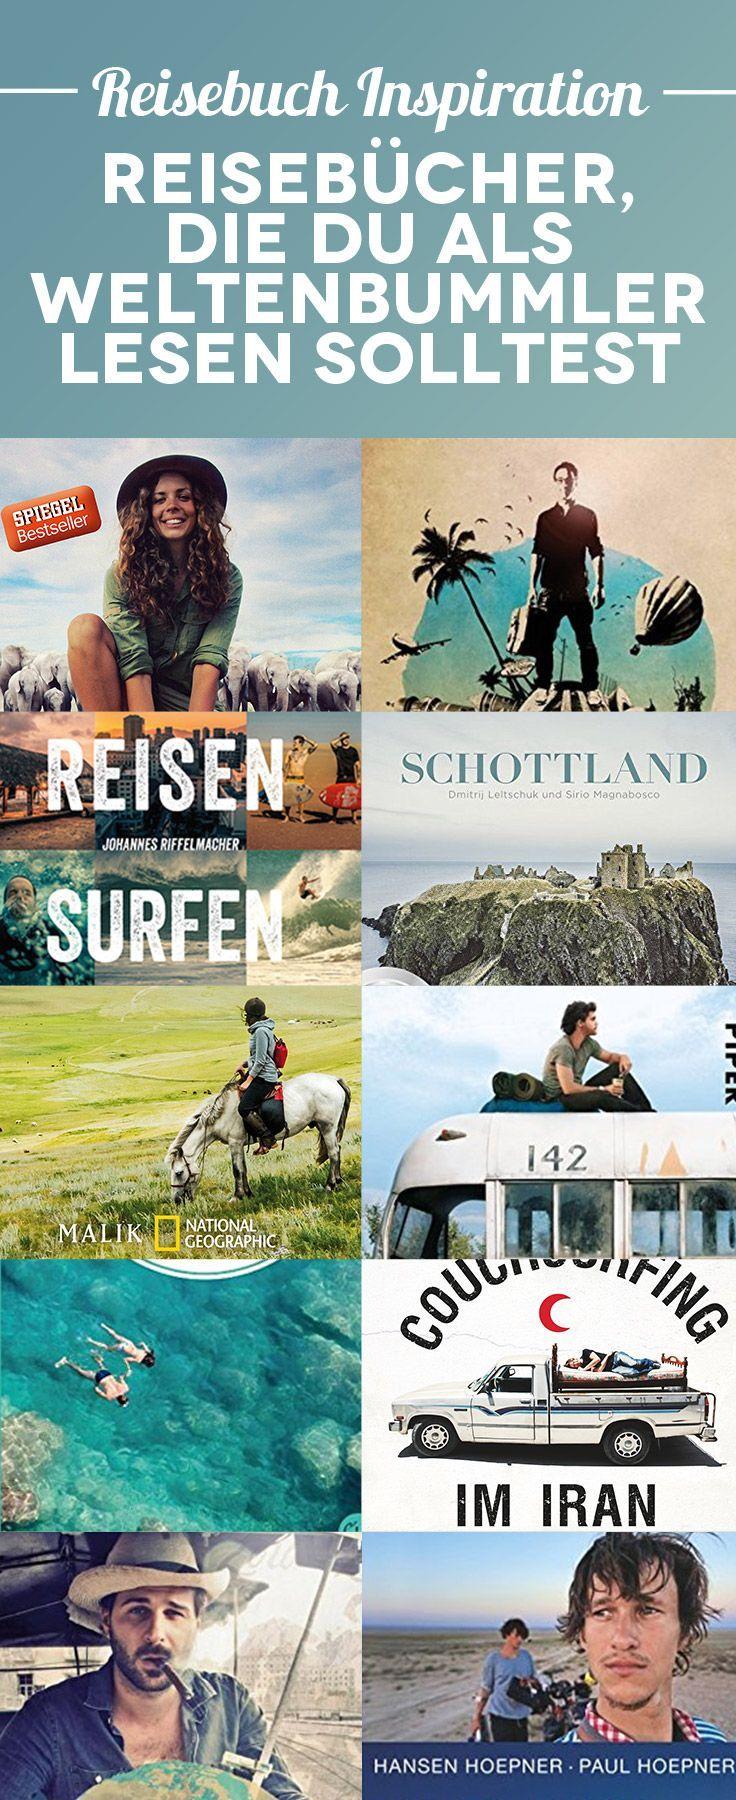 Reisebuch Inspiration – 40+ Reisebücher, die du als Weltenbummler unbedingt lesen solltest